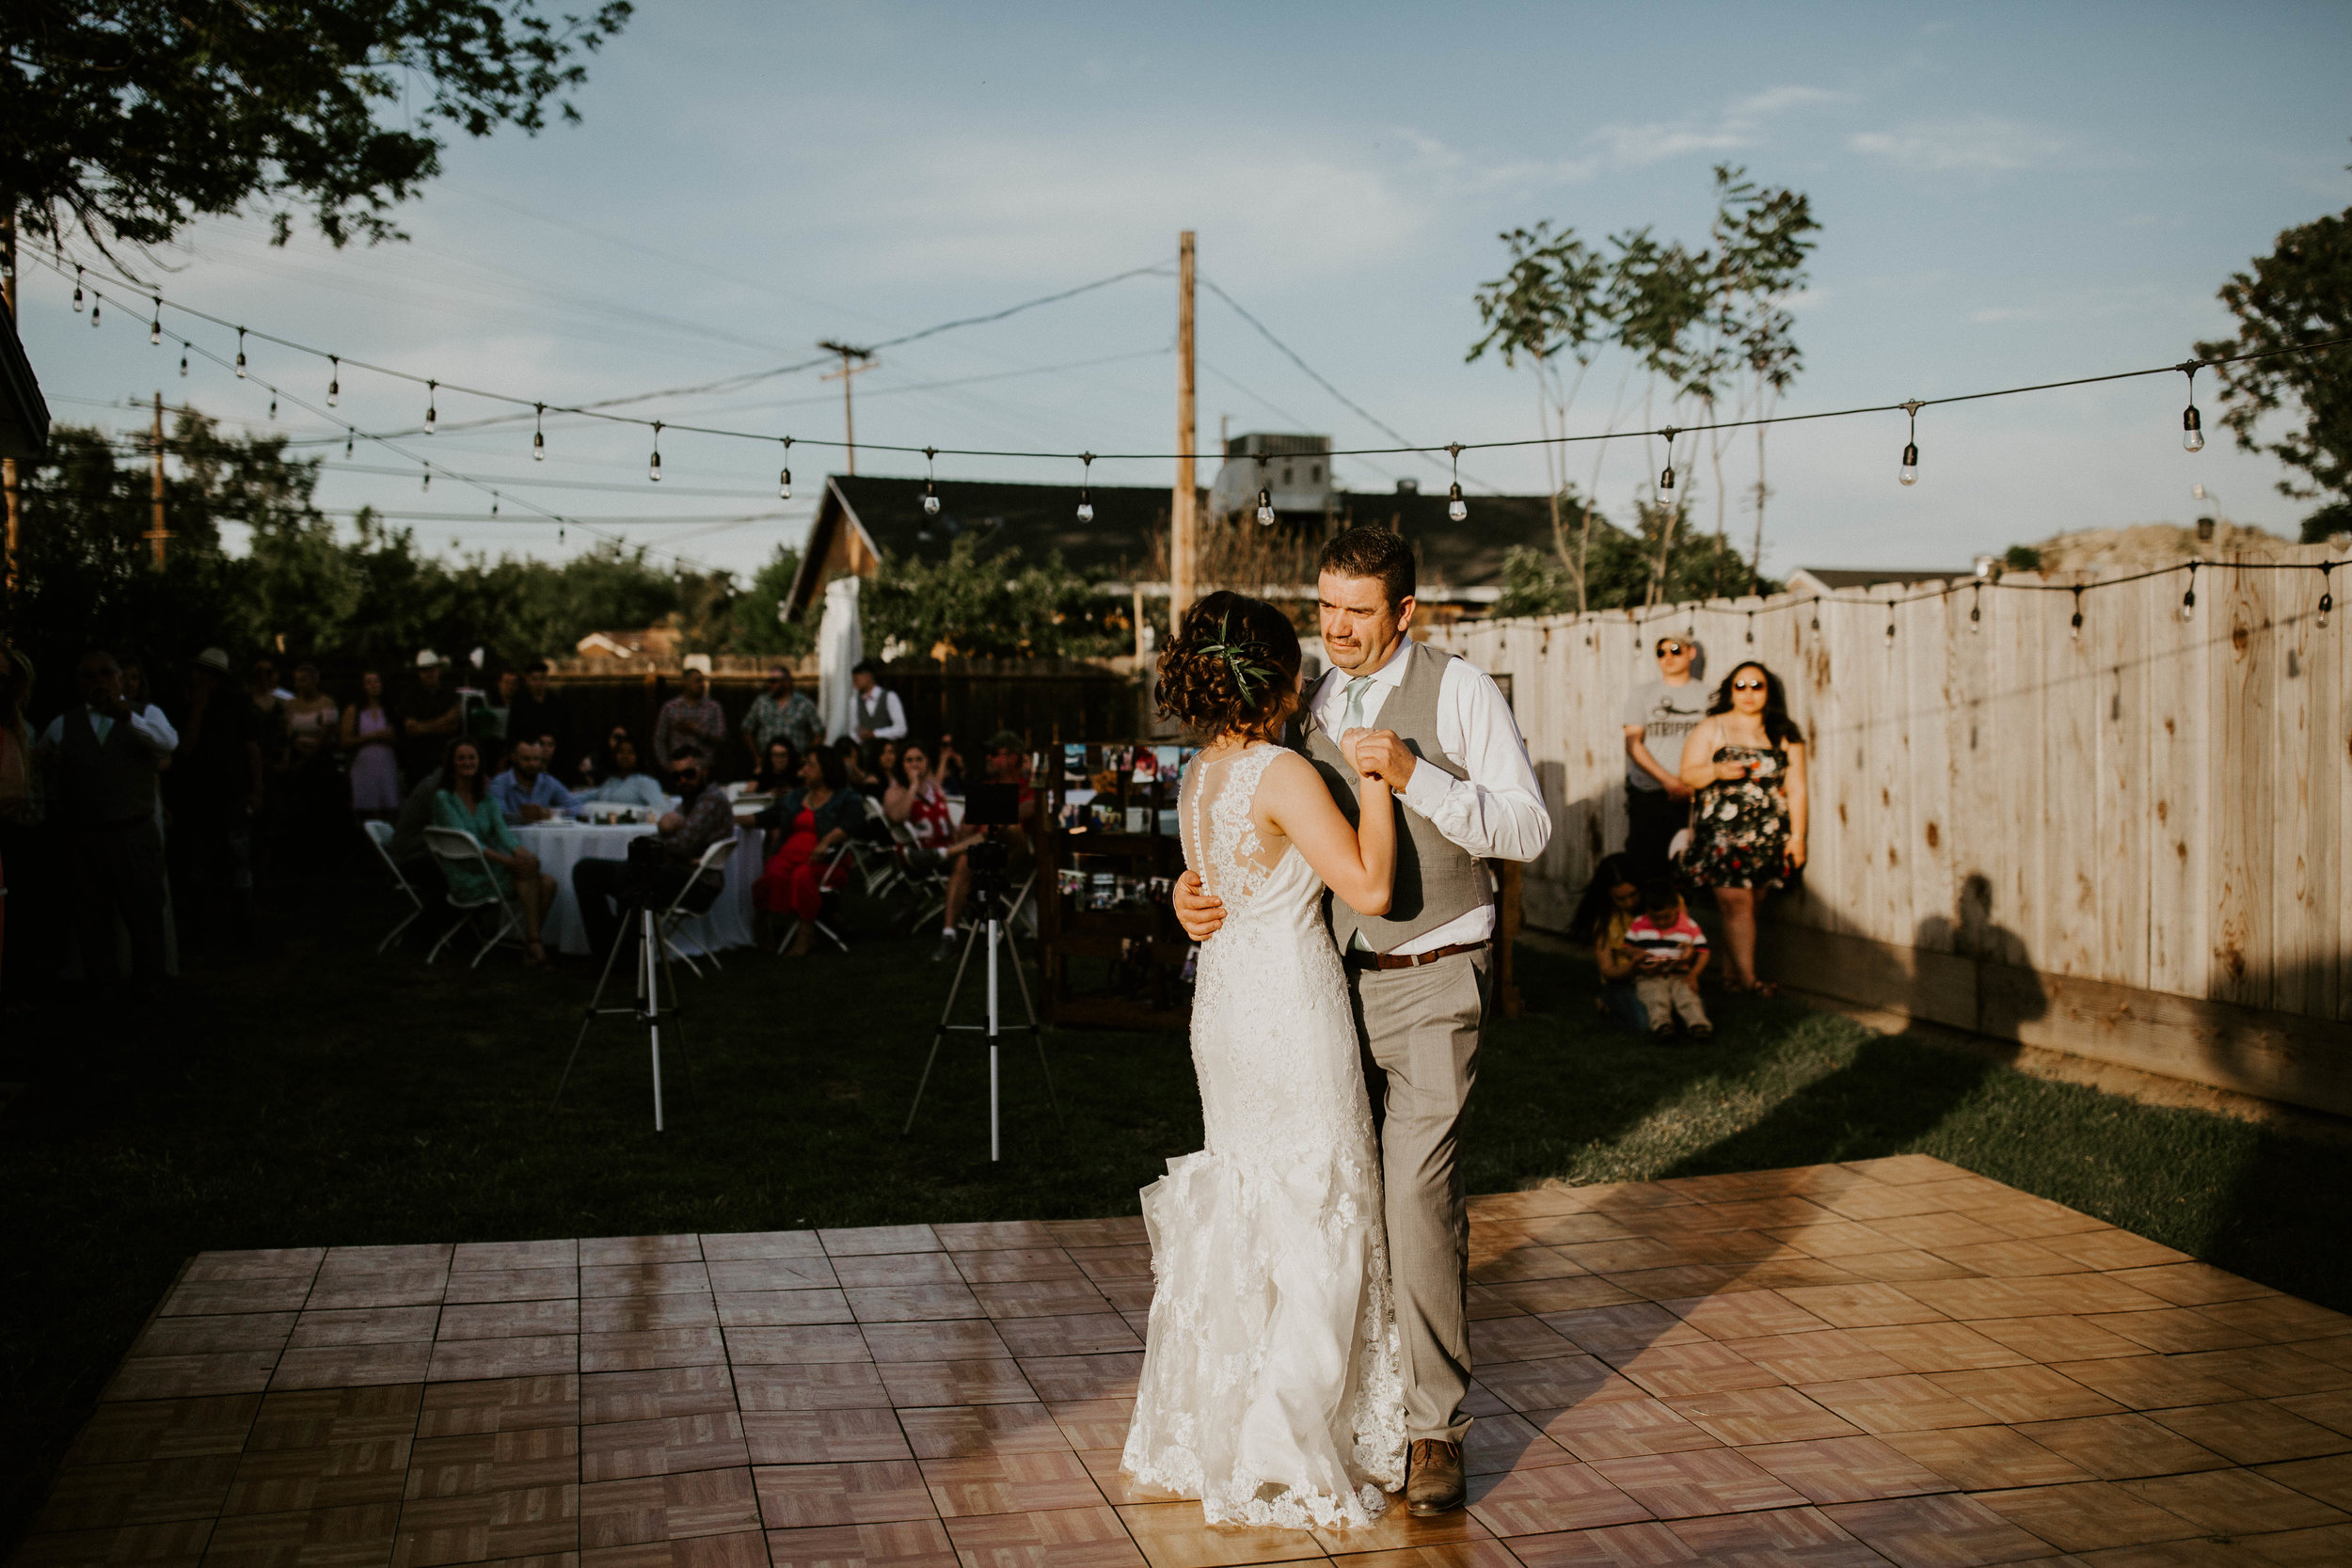 Kelsee&Yudith'sbackyardintimatewedding(420of646).jpg